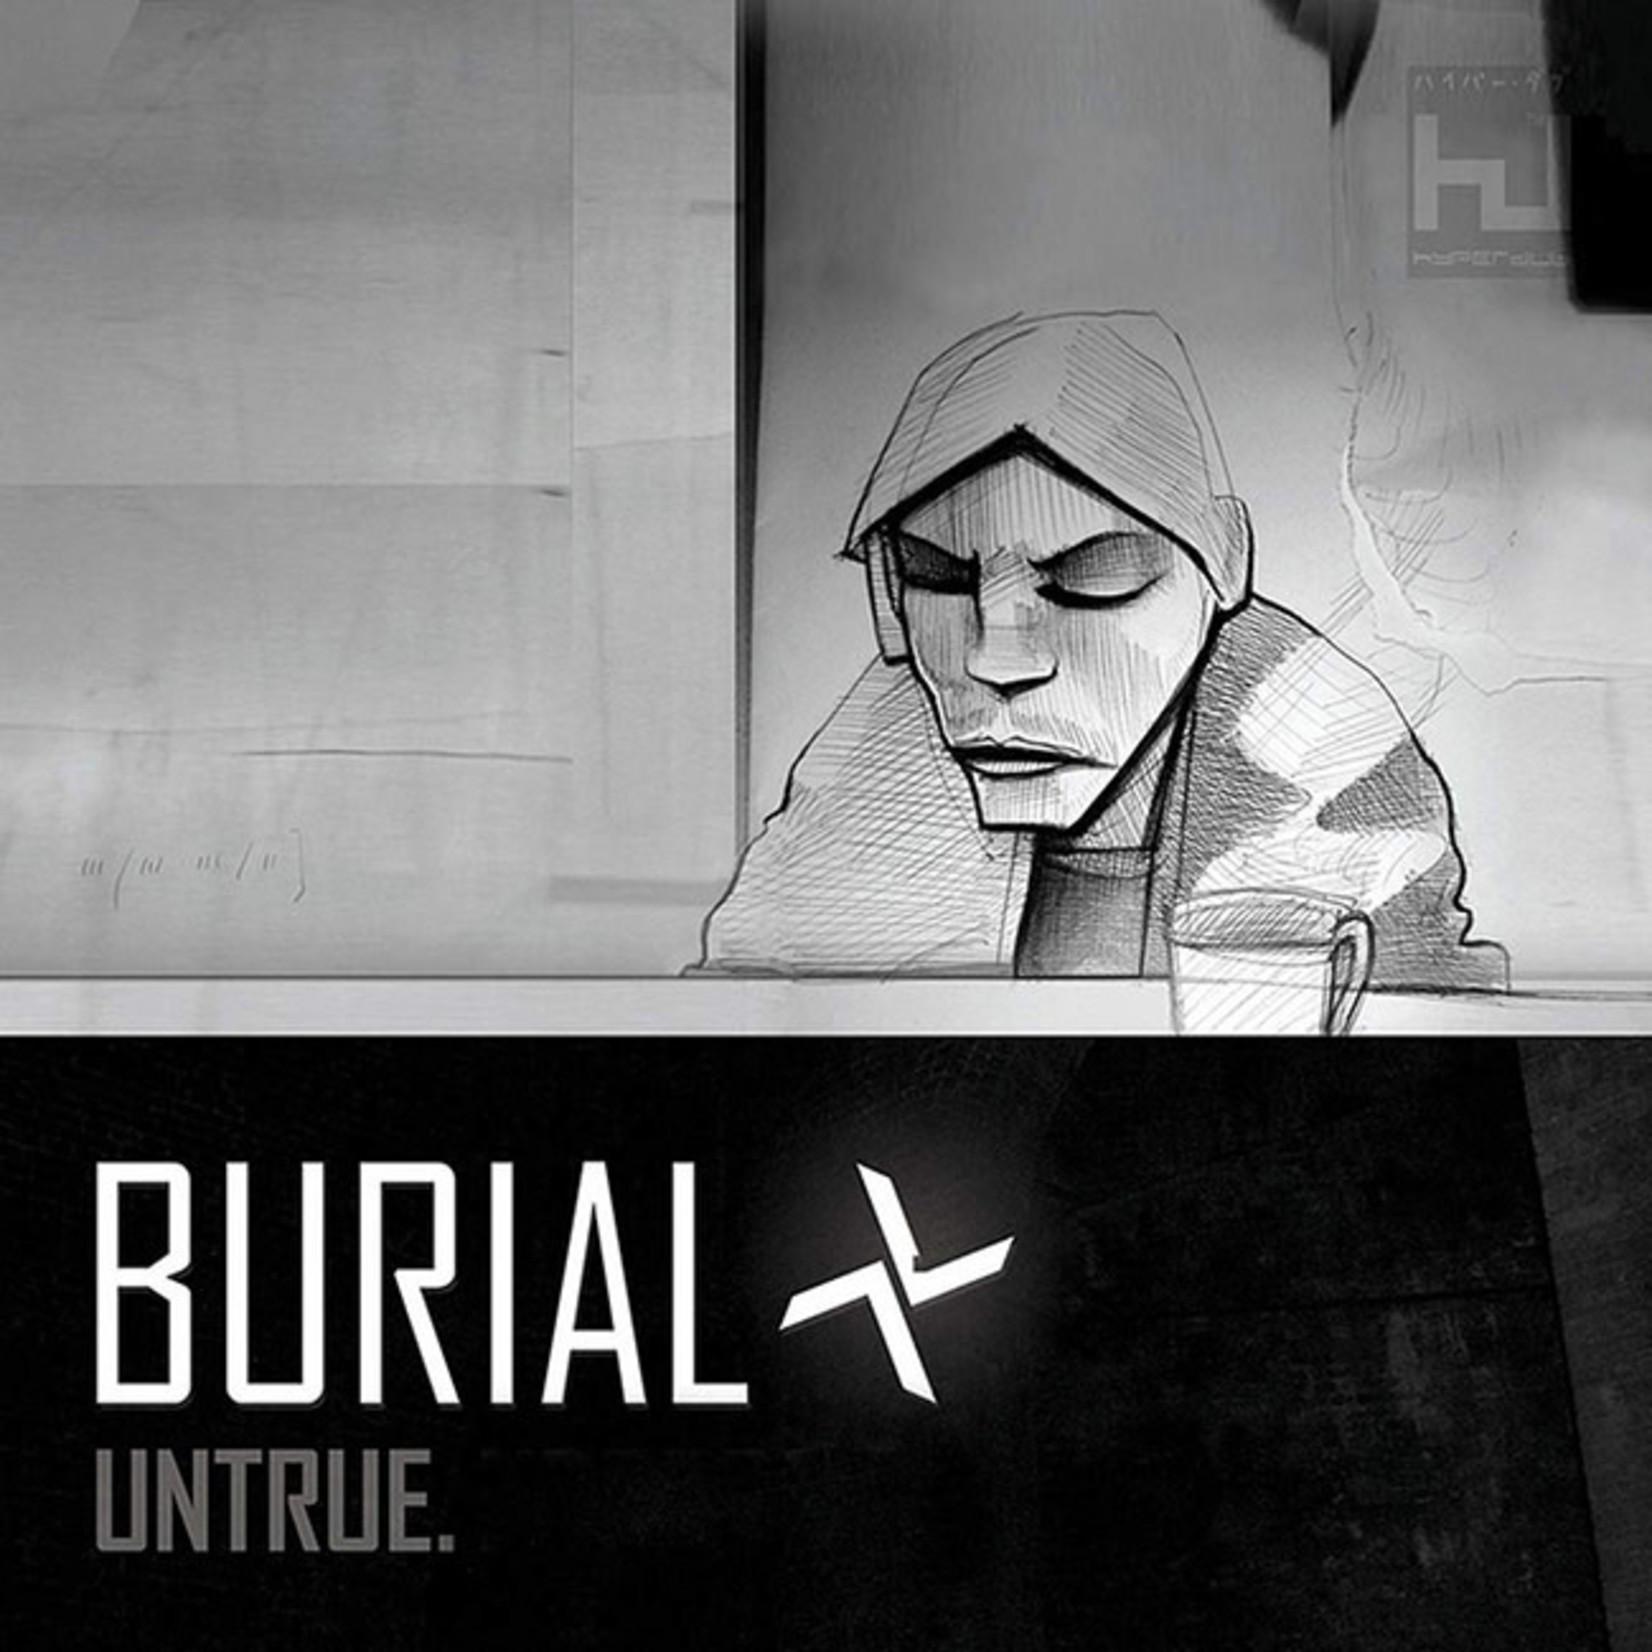 [New] Burial: Untrue (2LP)